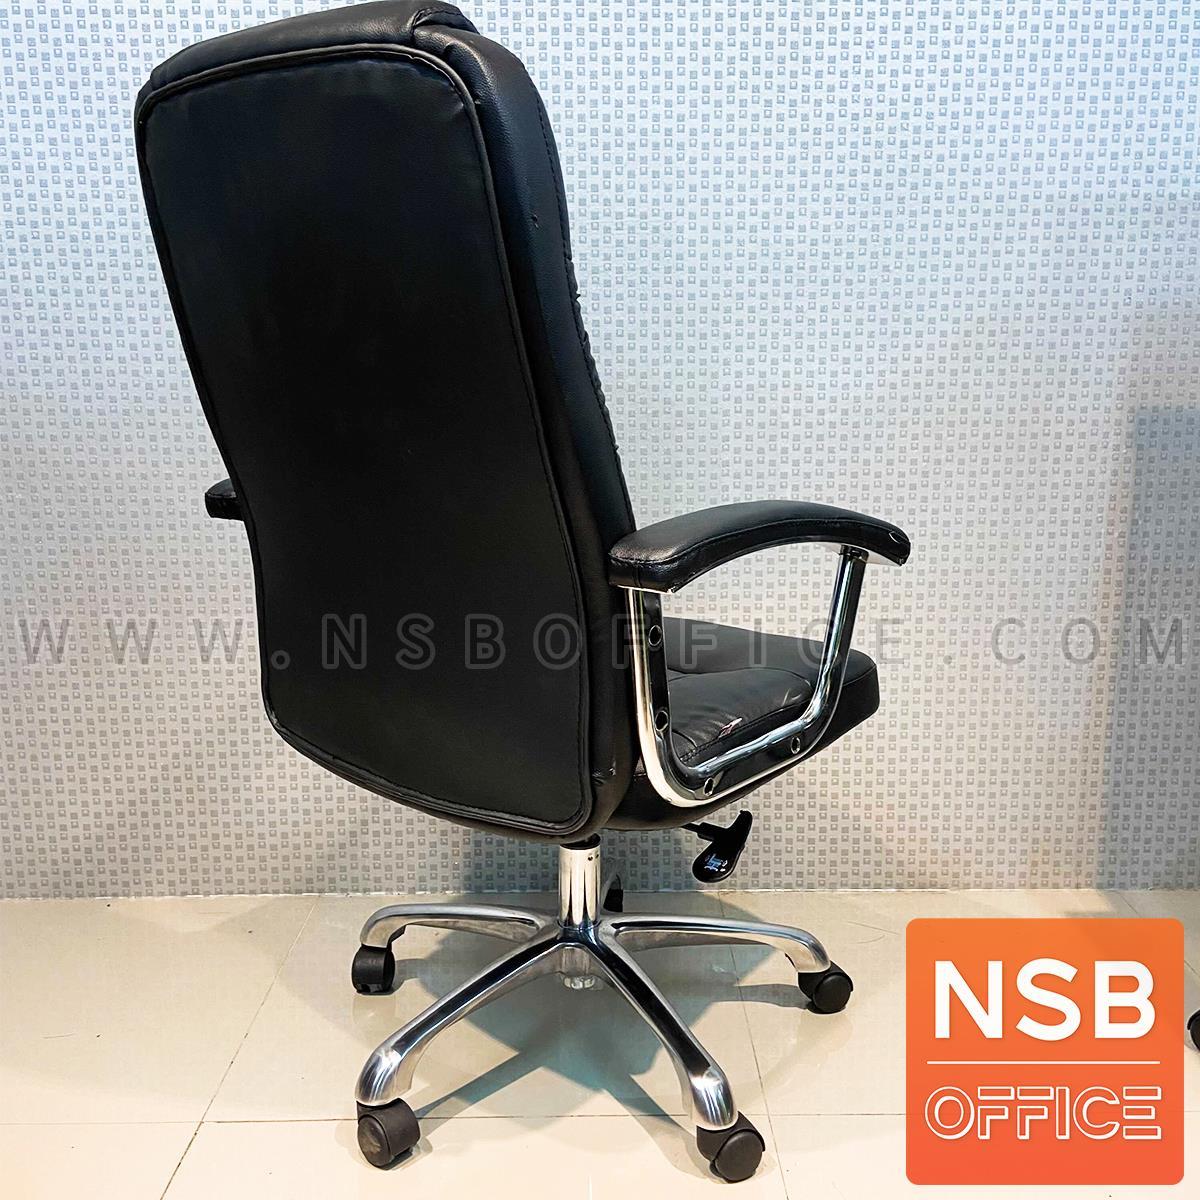 เก้าอี้ผู้บริหาร รุ่น Blackthorn (แบล็กตรอน)  โช๊คแก๊ส ก้อนโยก ขาอลูมิเนียม